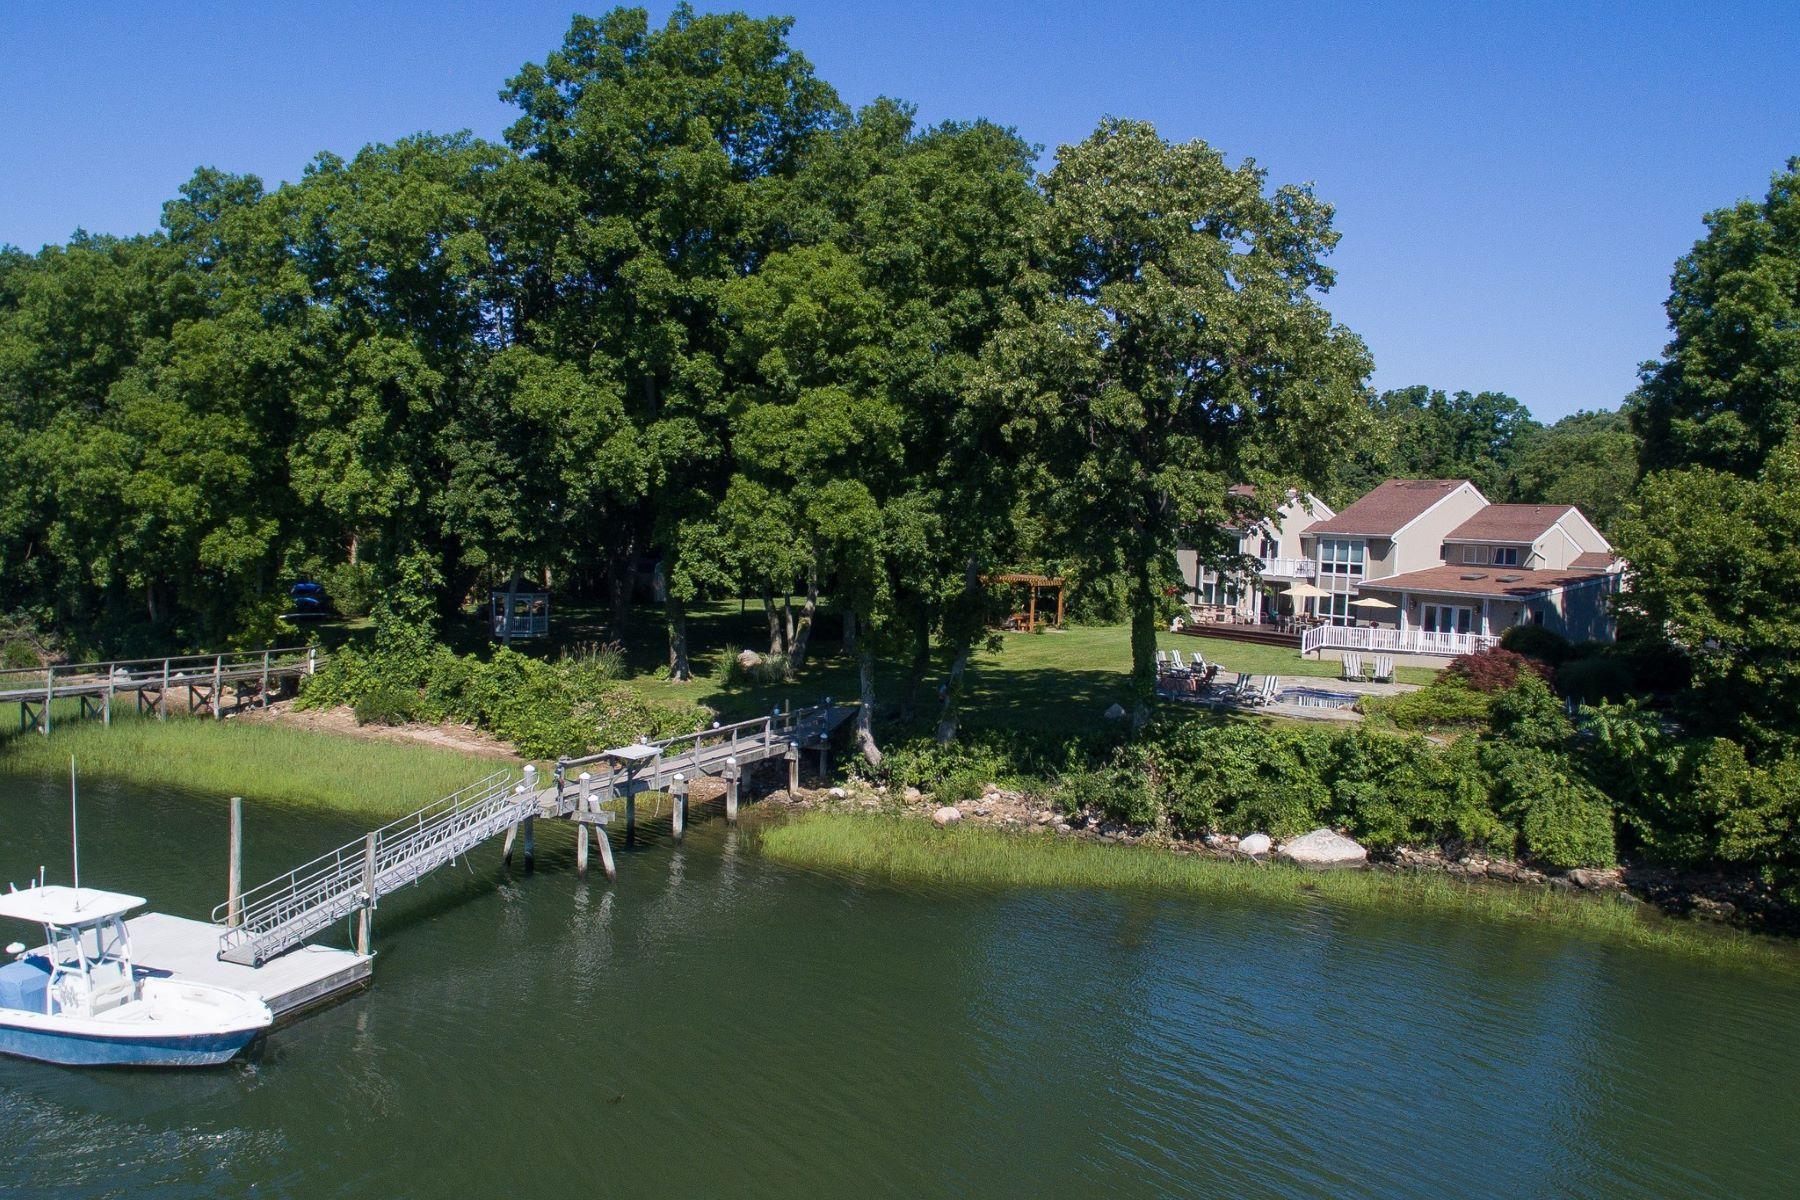 Single Family Homes für Verkauf beim Setauket 157 Old Field Rd, Old Field, New York 11733 Vereinigte Staaten